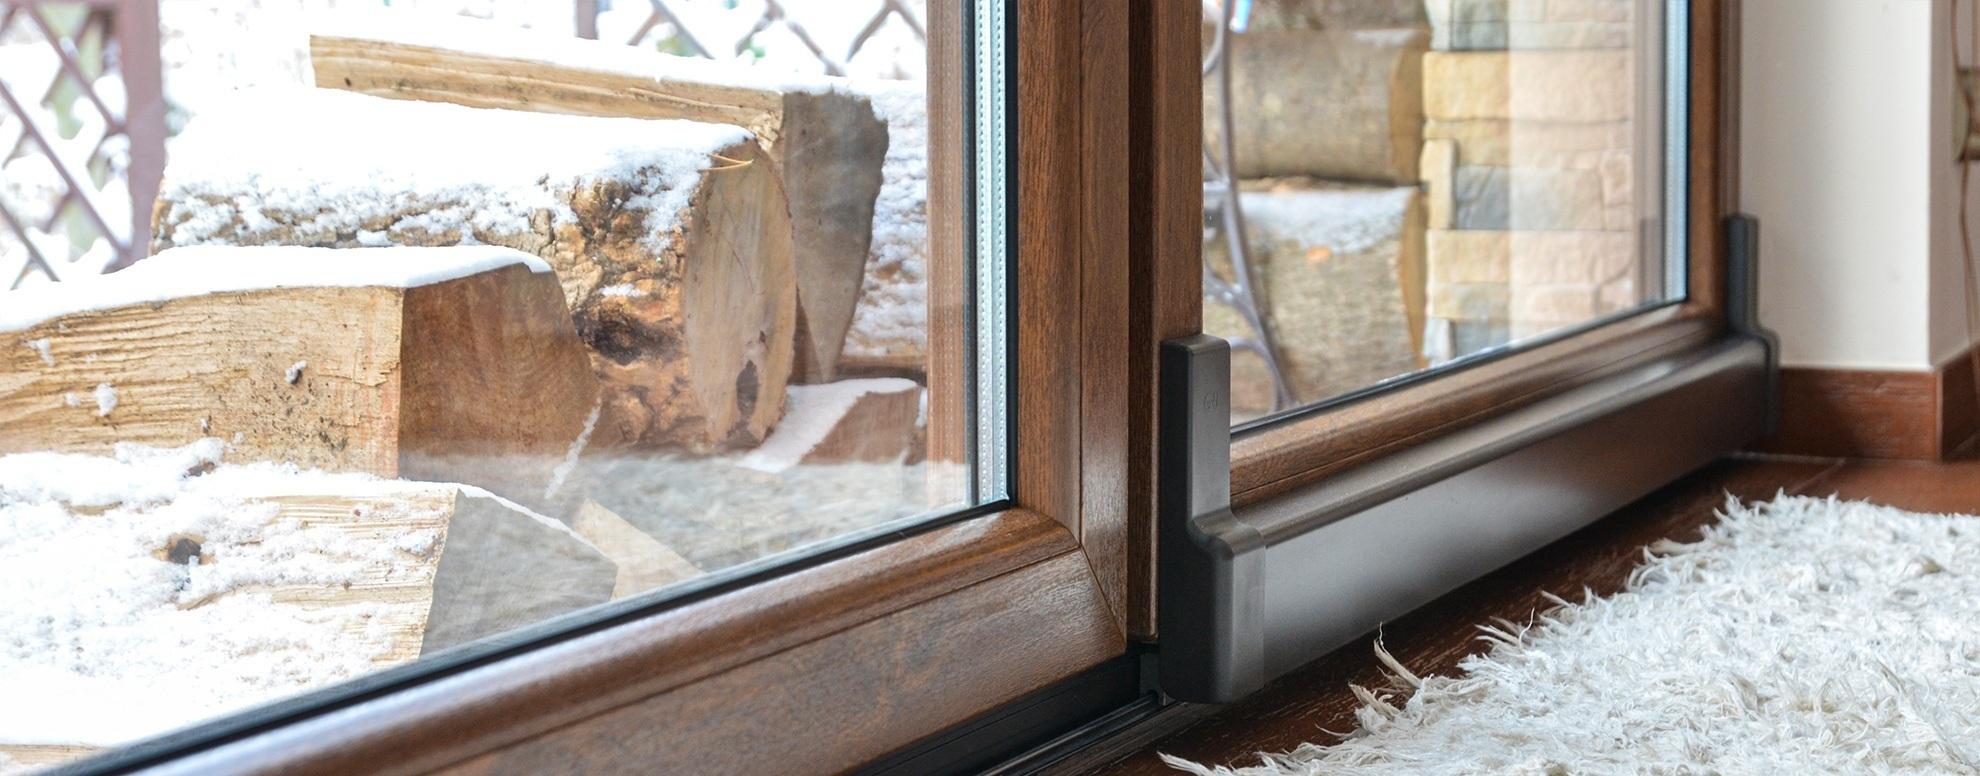 Pourquoi Pas De Volets En Irlande drutex s.a. - conseils - entretien des fenêtres avant noël